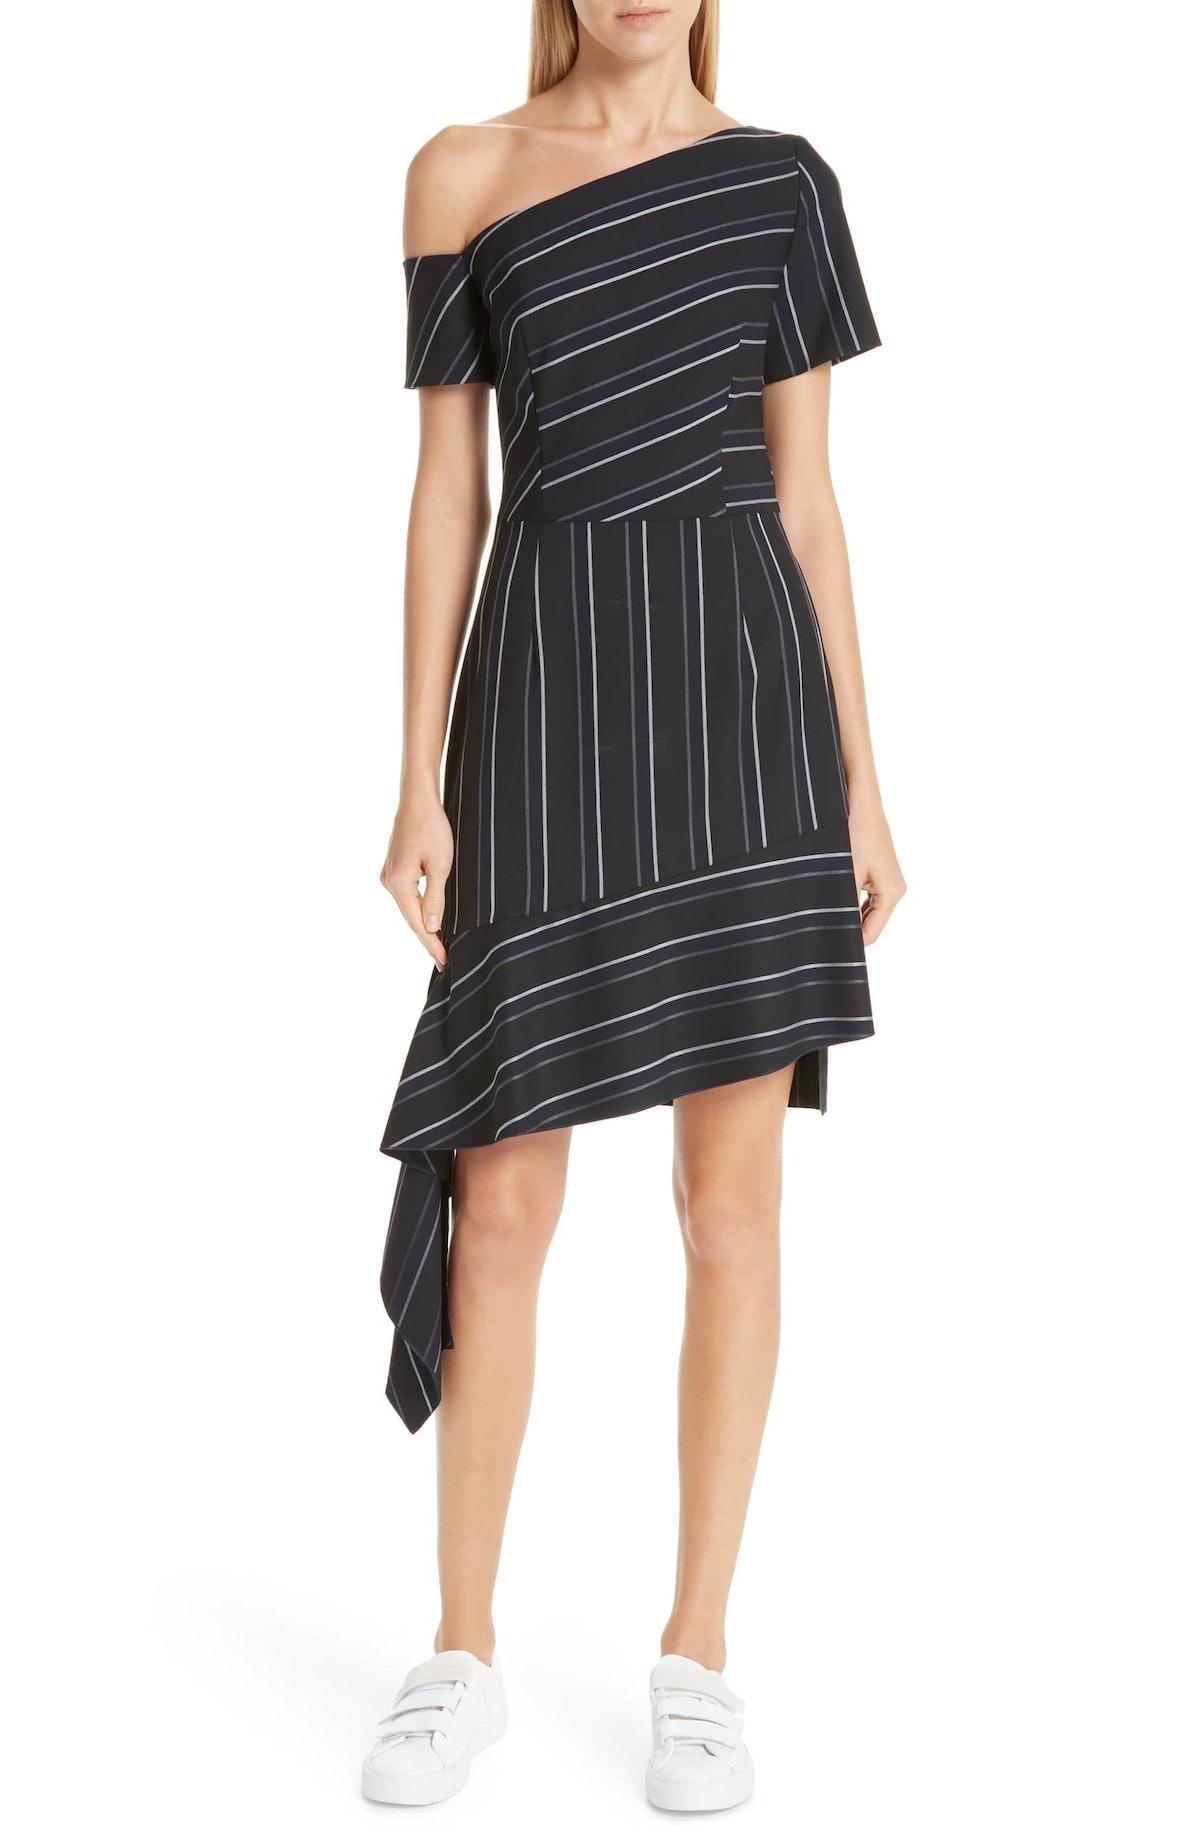 Kaloras Asymmetrical Pinstripe Dress